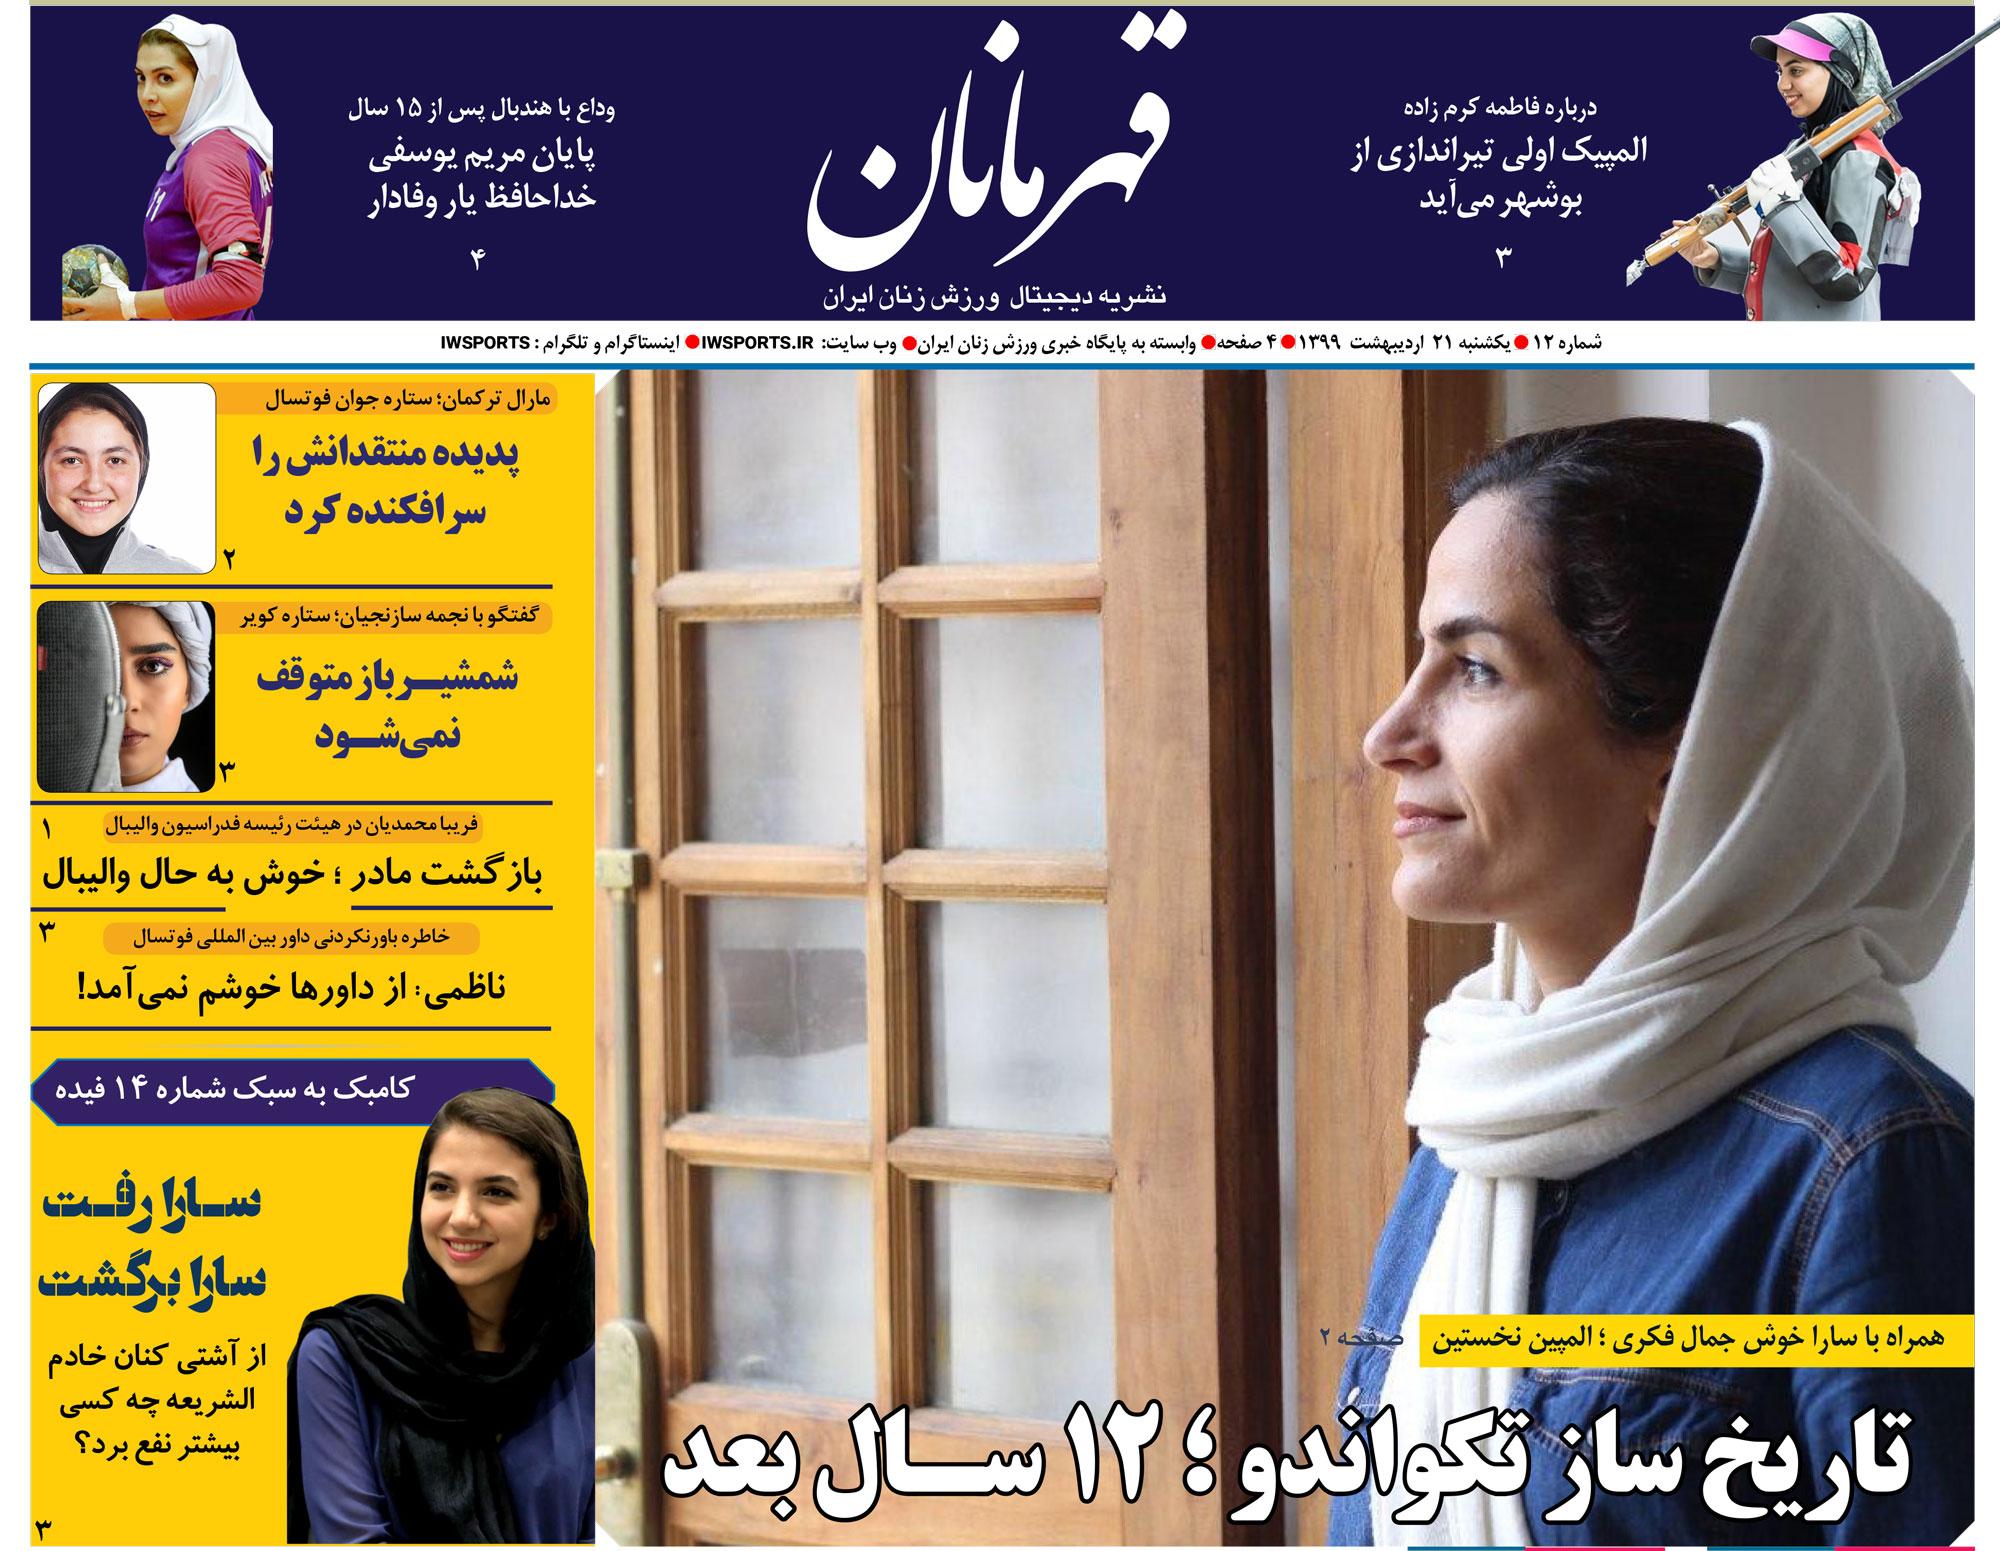 نشریه قهرمانان – شماره ۱۲ | یکشنبه ۲۱ اردیبهشت ۹۹